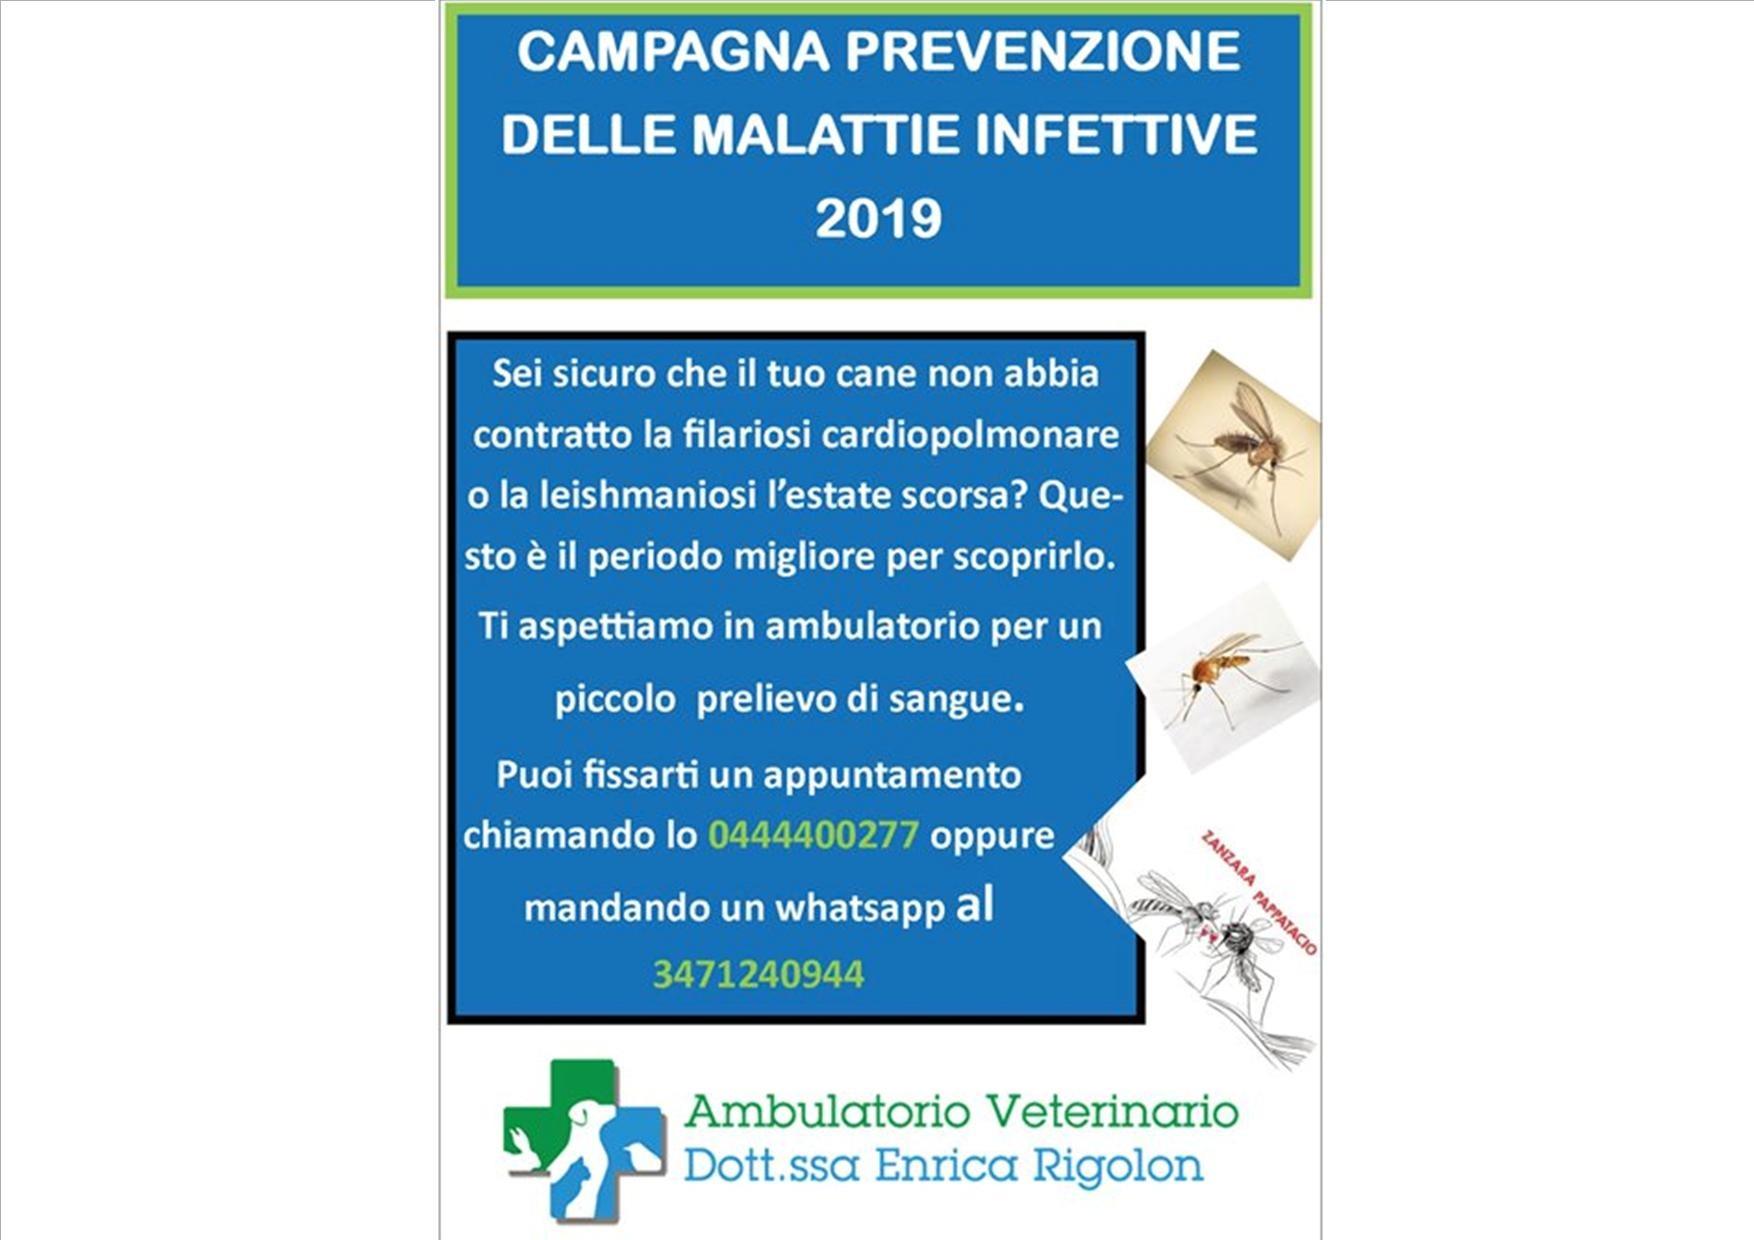 Campagna Prevenzione malattie infettive 2019